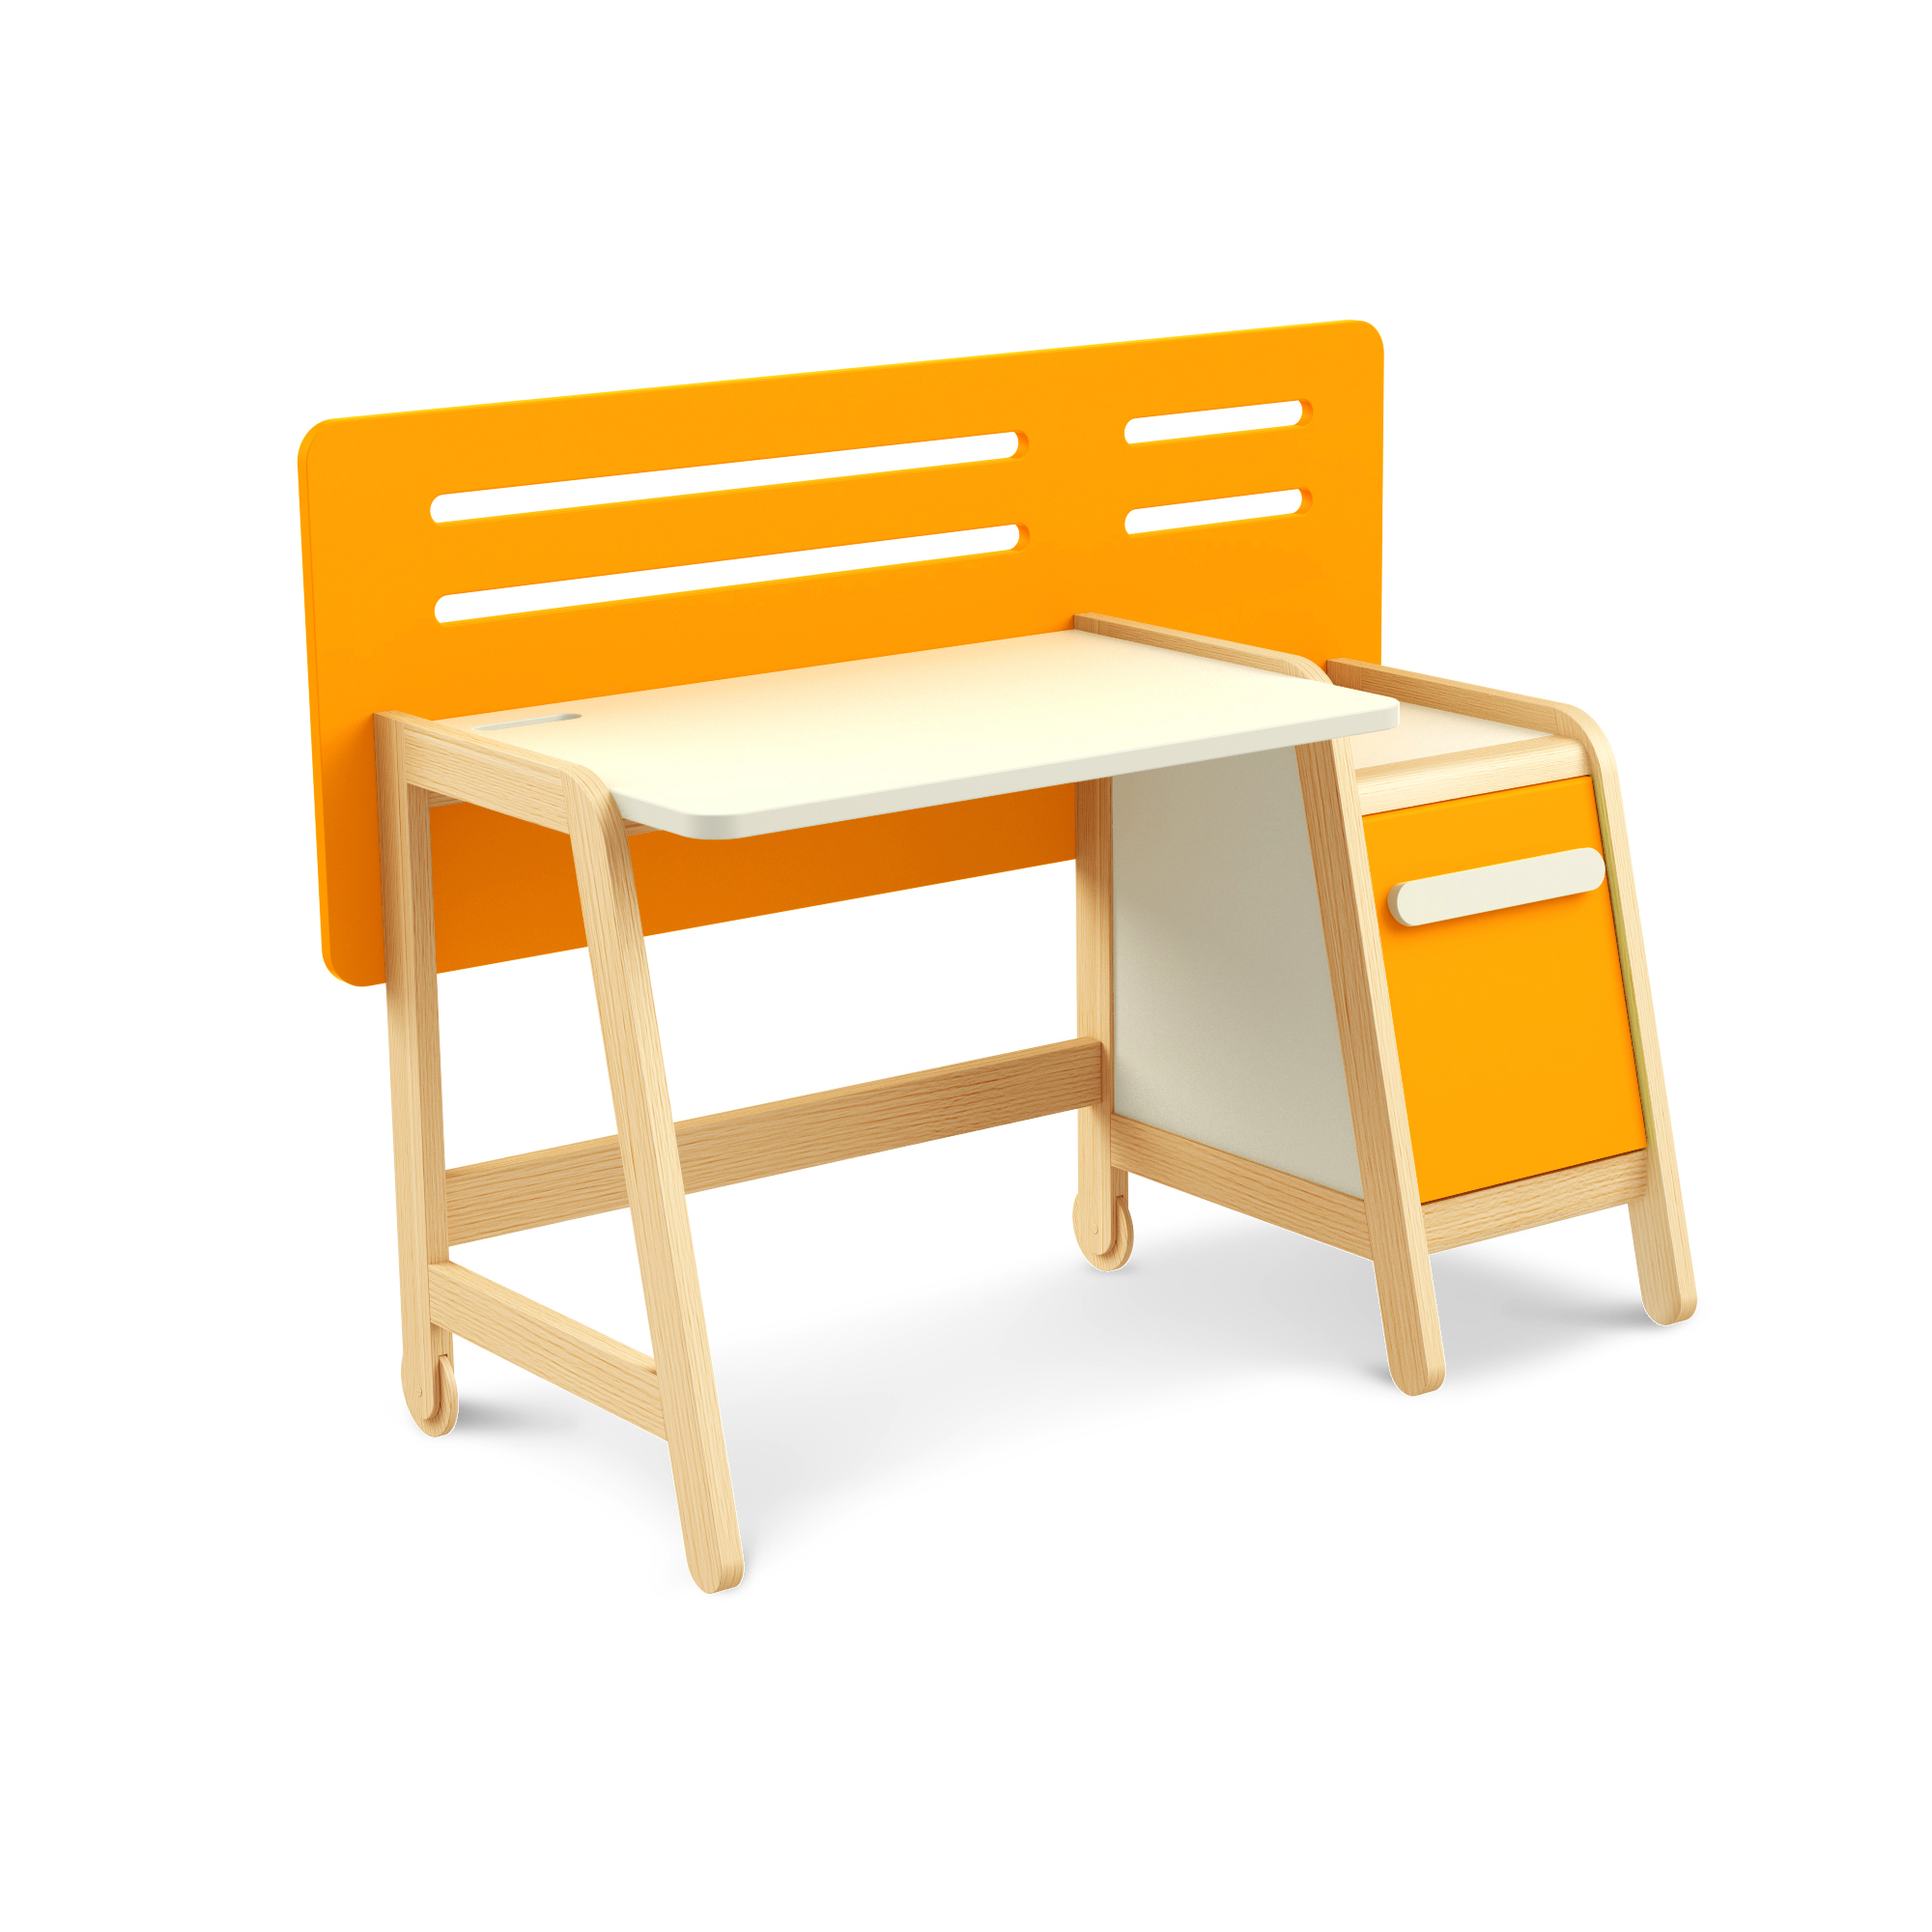 Schreibtisch Simple Orange mit Container, Timoore